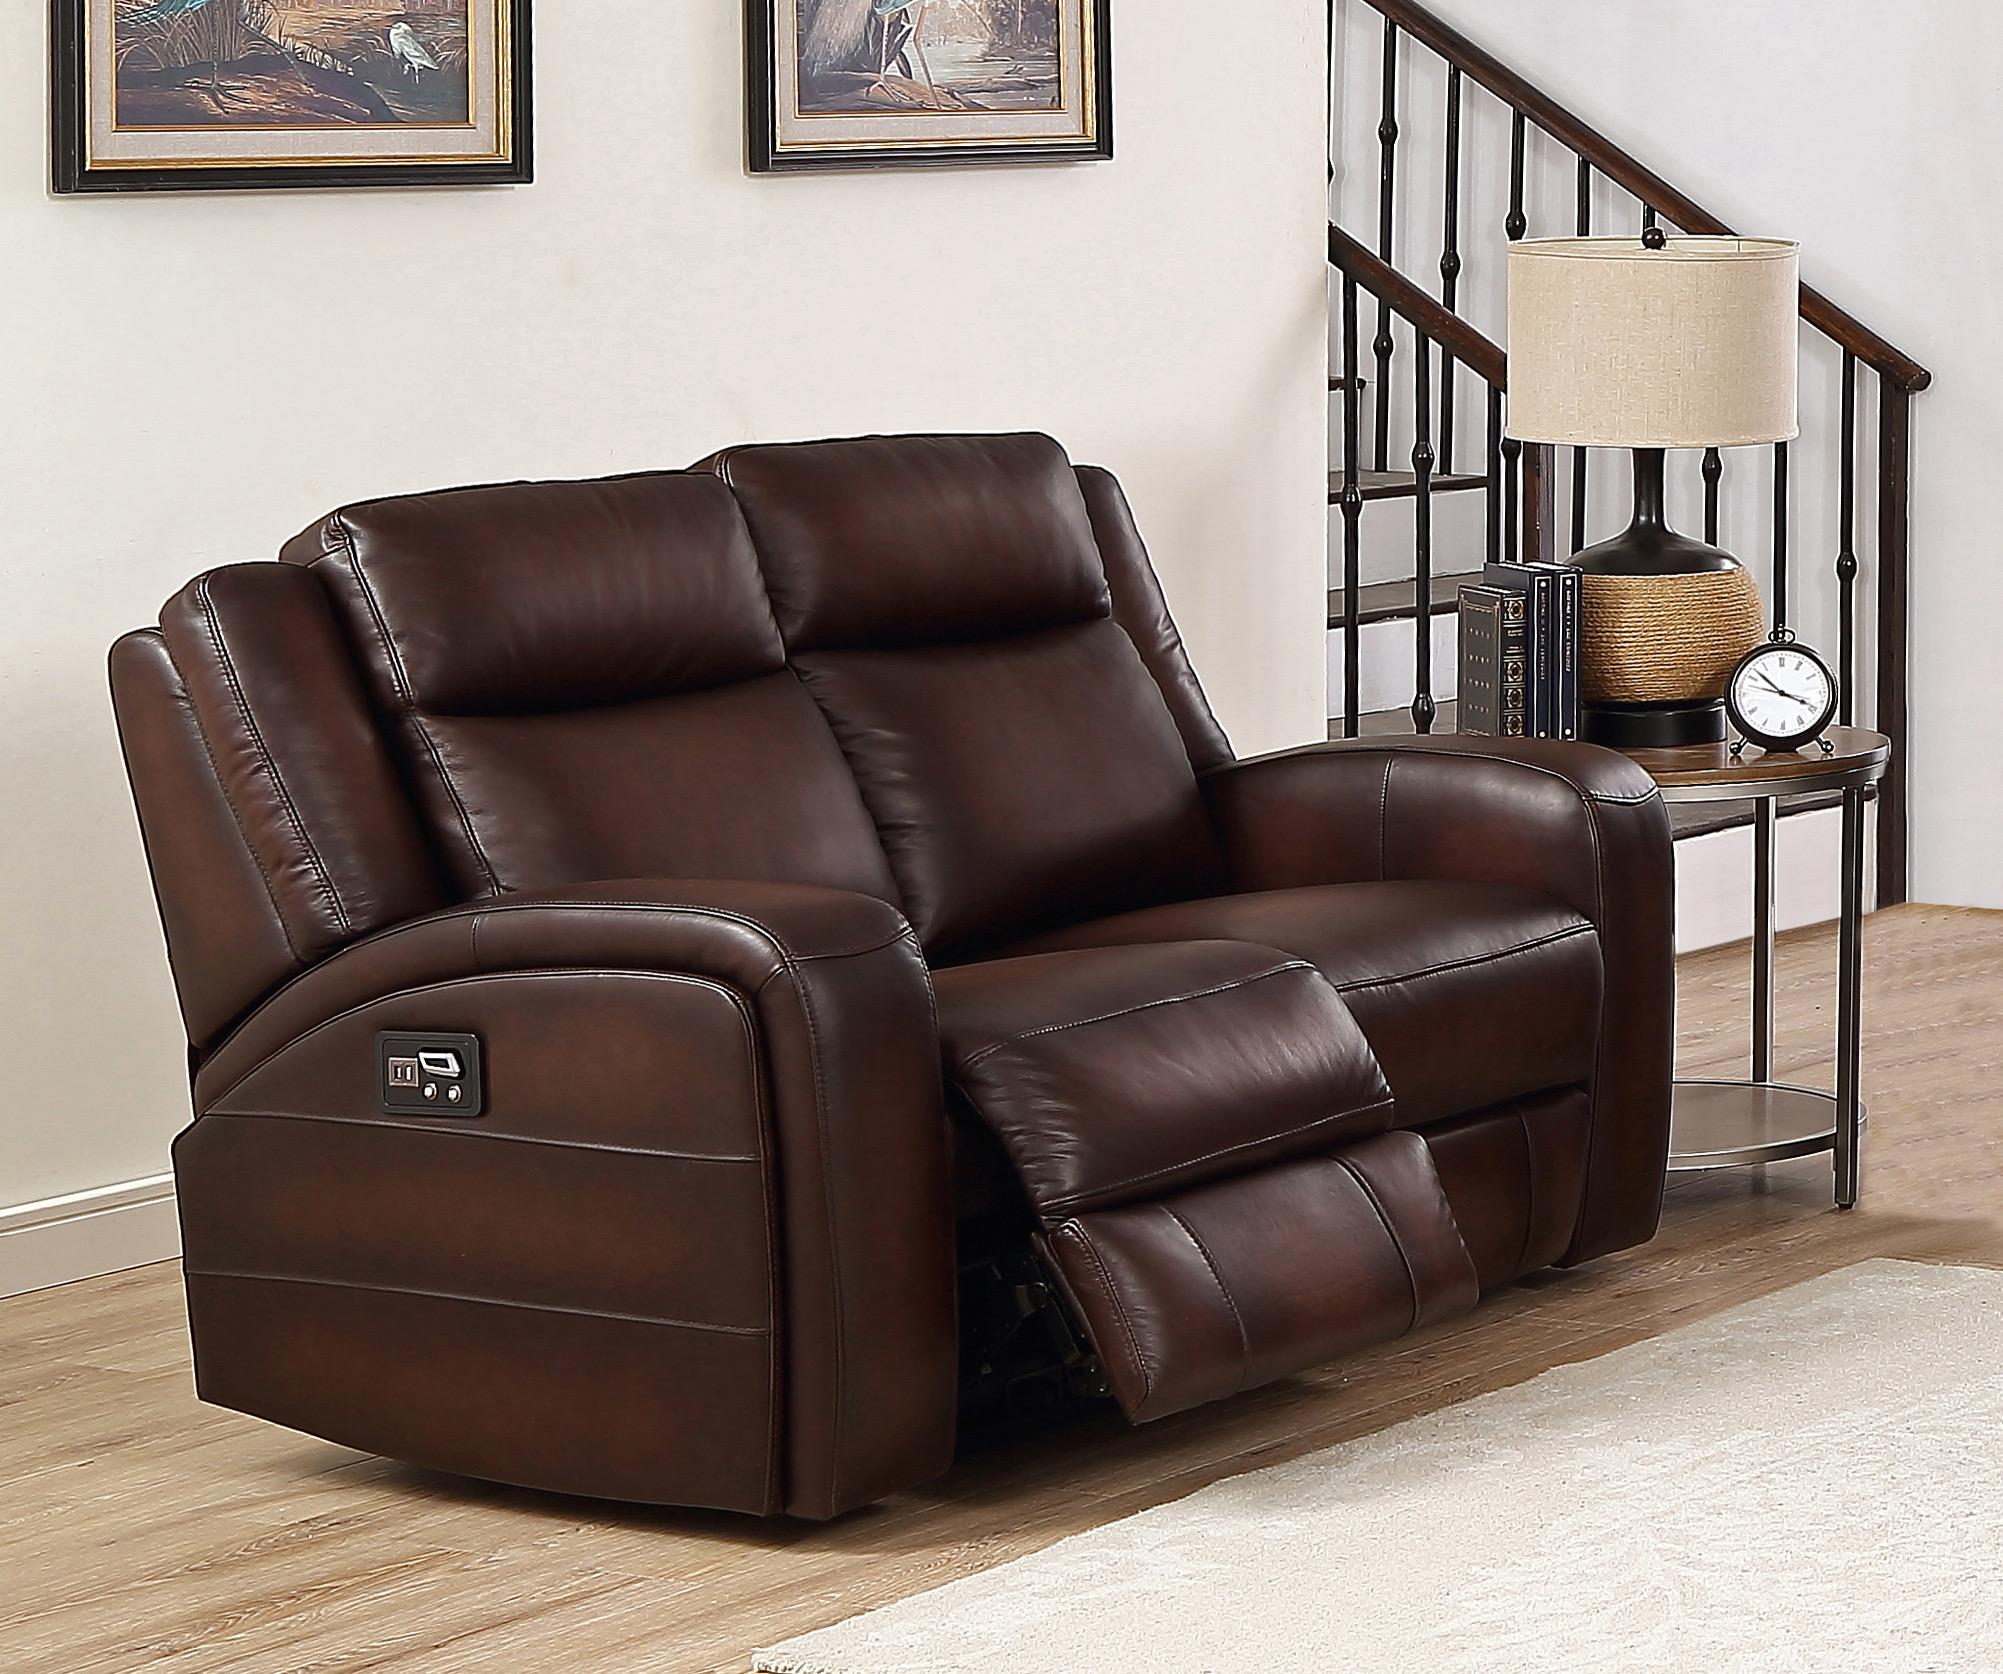 Dallas 2 seater sofa.JPG